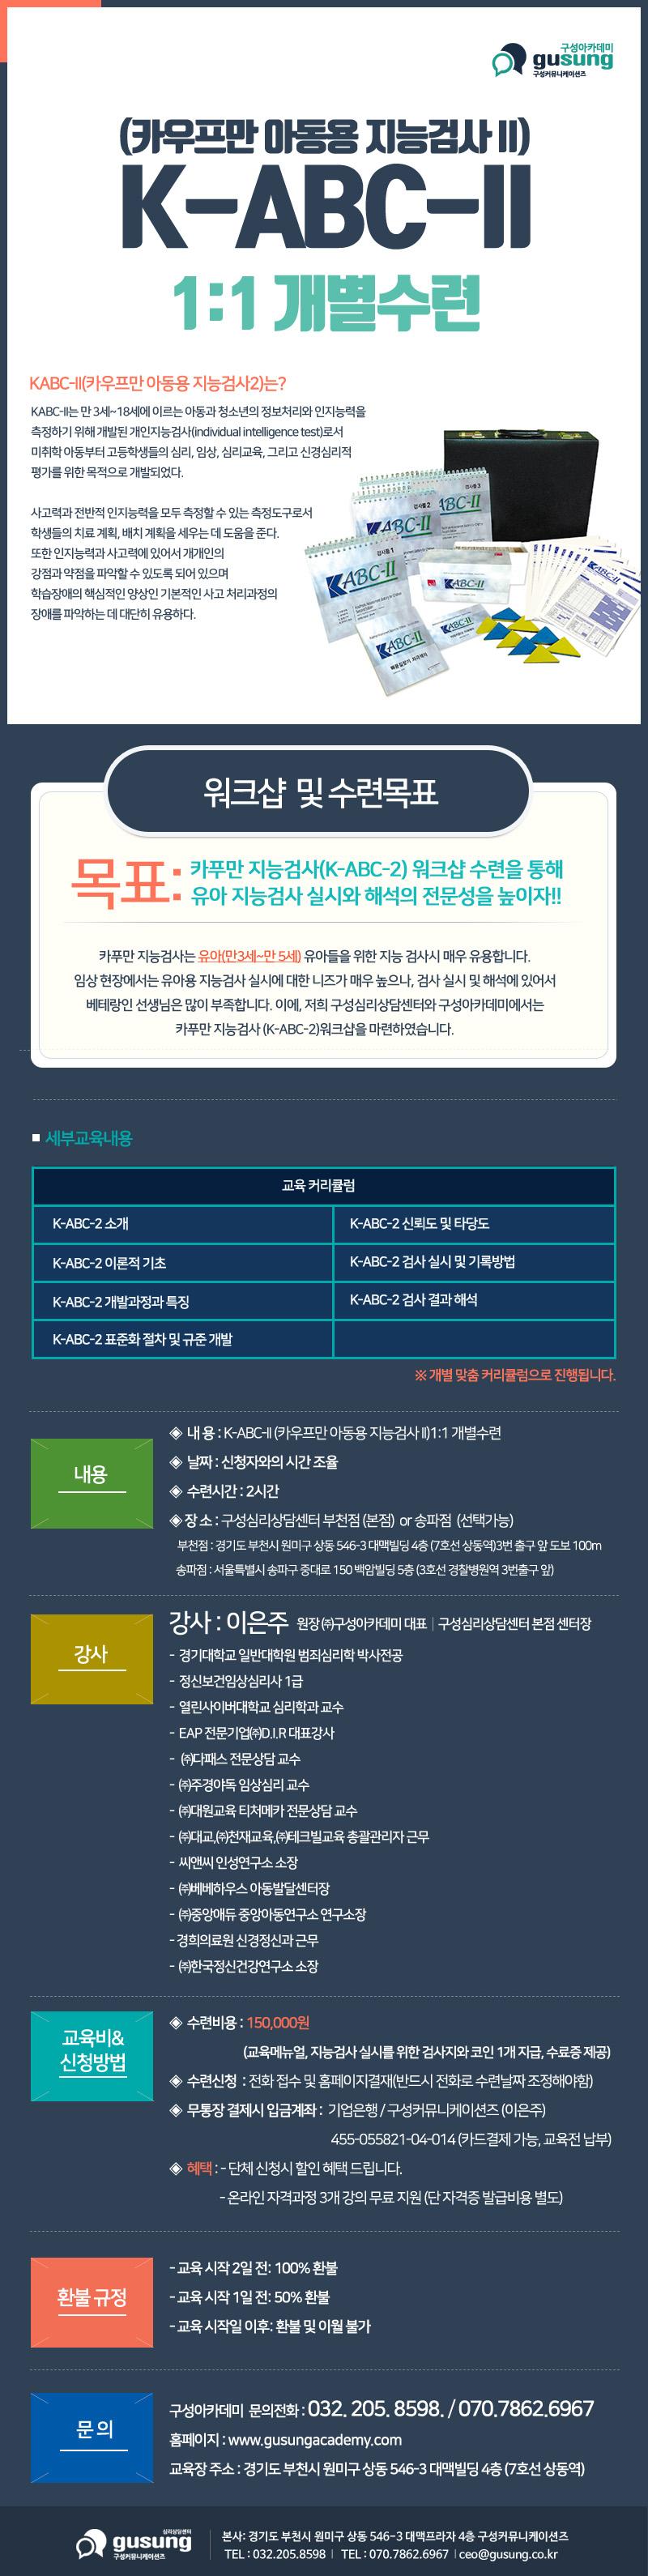 K-ABC-II (카우프만 아동용 지능검사 II) 복사.jpg